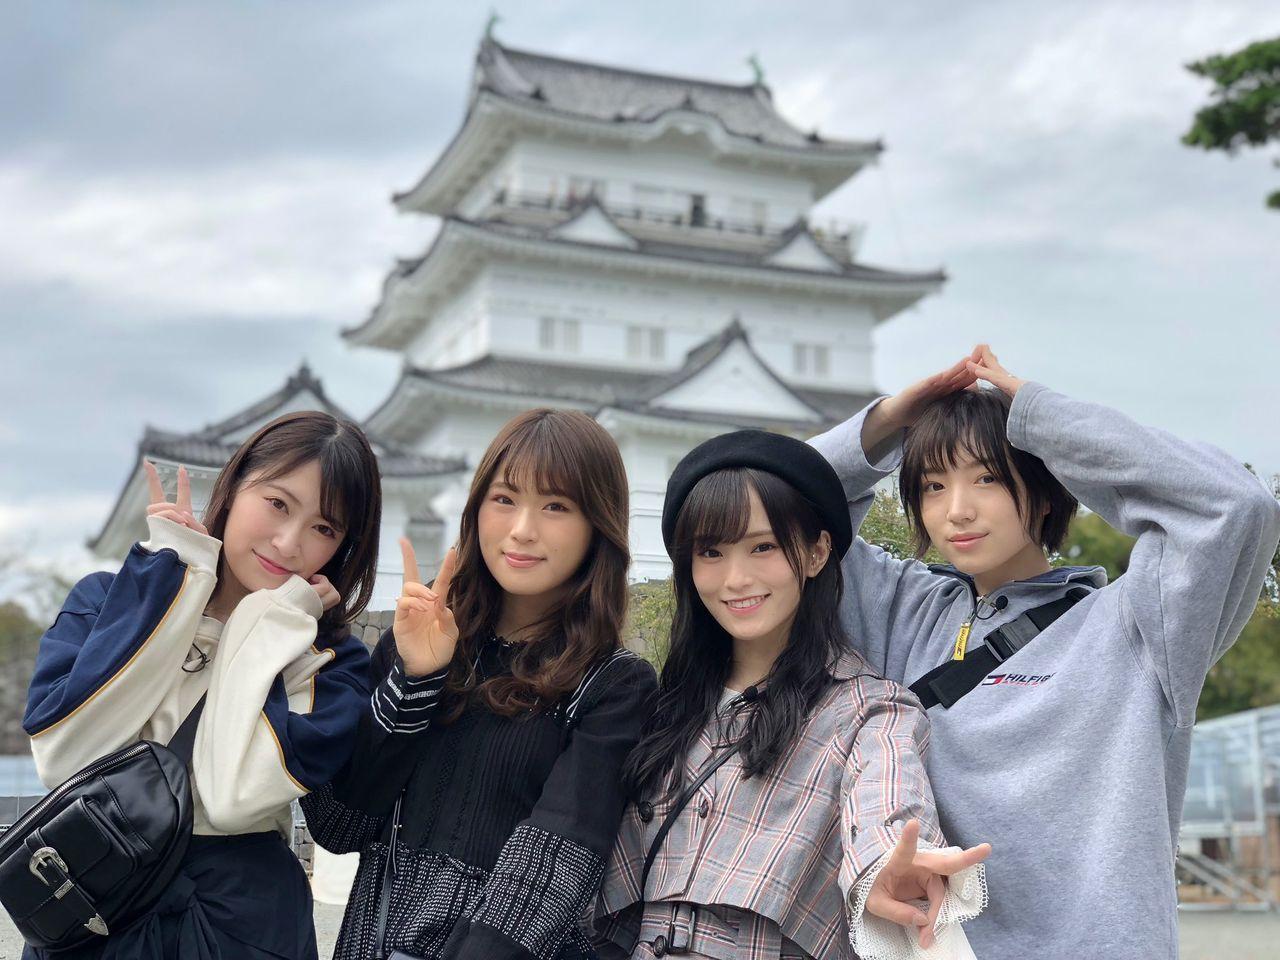 【NMB】新YNN「もぐ姉」太田夢莉、渋谷凪咲、山本彩、吉田朱里 生配信キタ━(゚∀゚)━!!